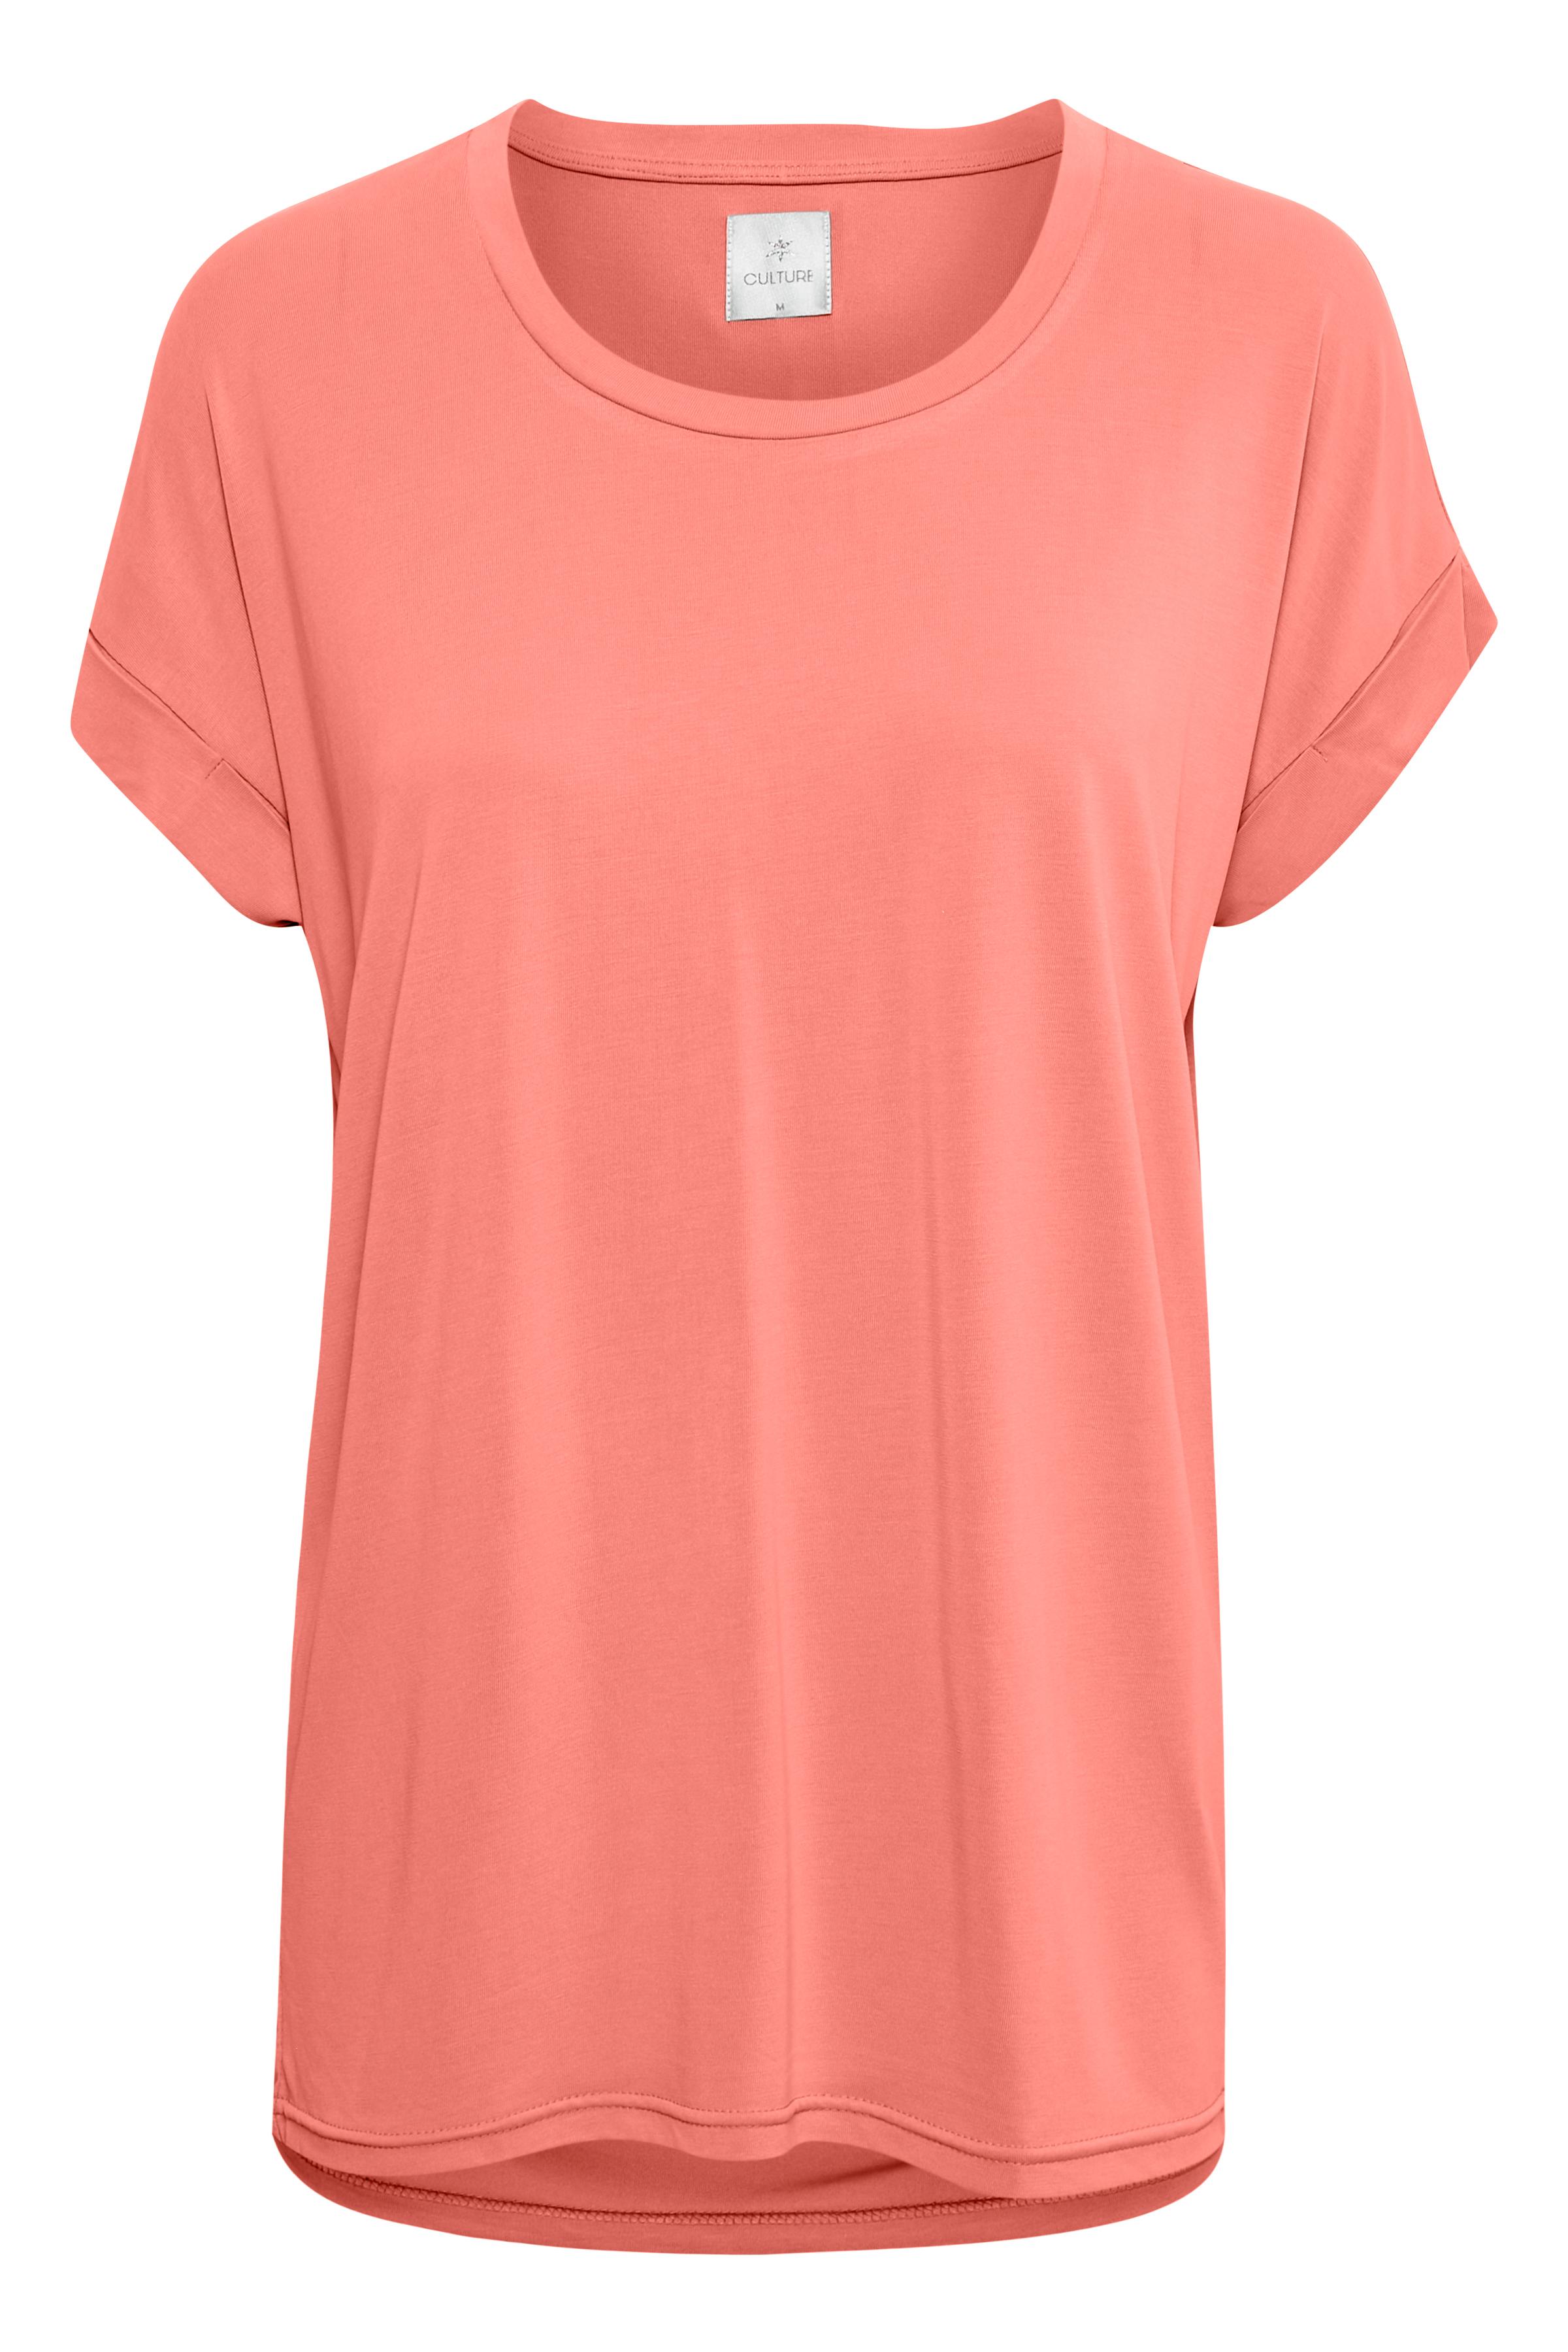 Mørk koral Kortærmet T-shirt fra Culture – Køb Mørk koral Kortærmet T-shirt fra str. XS-XXL her